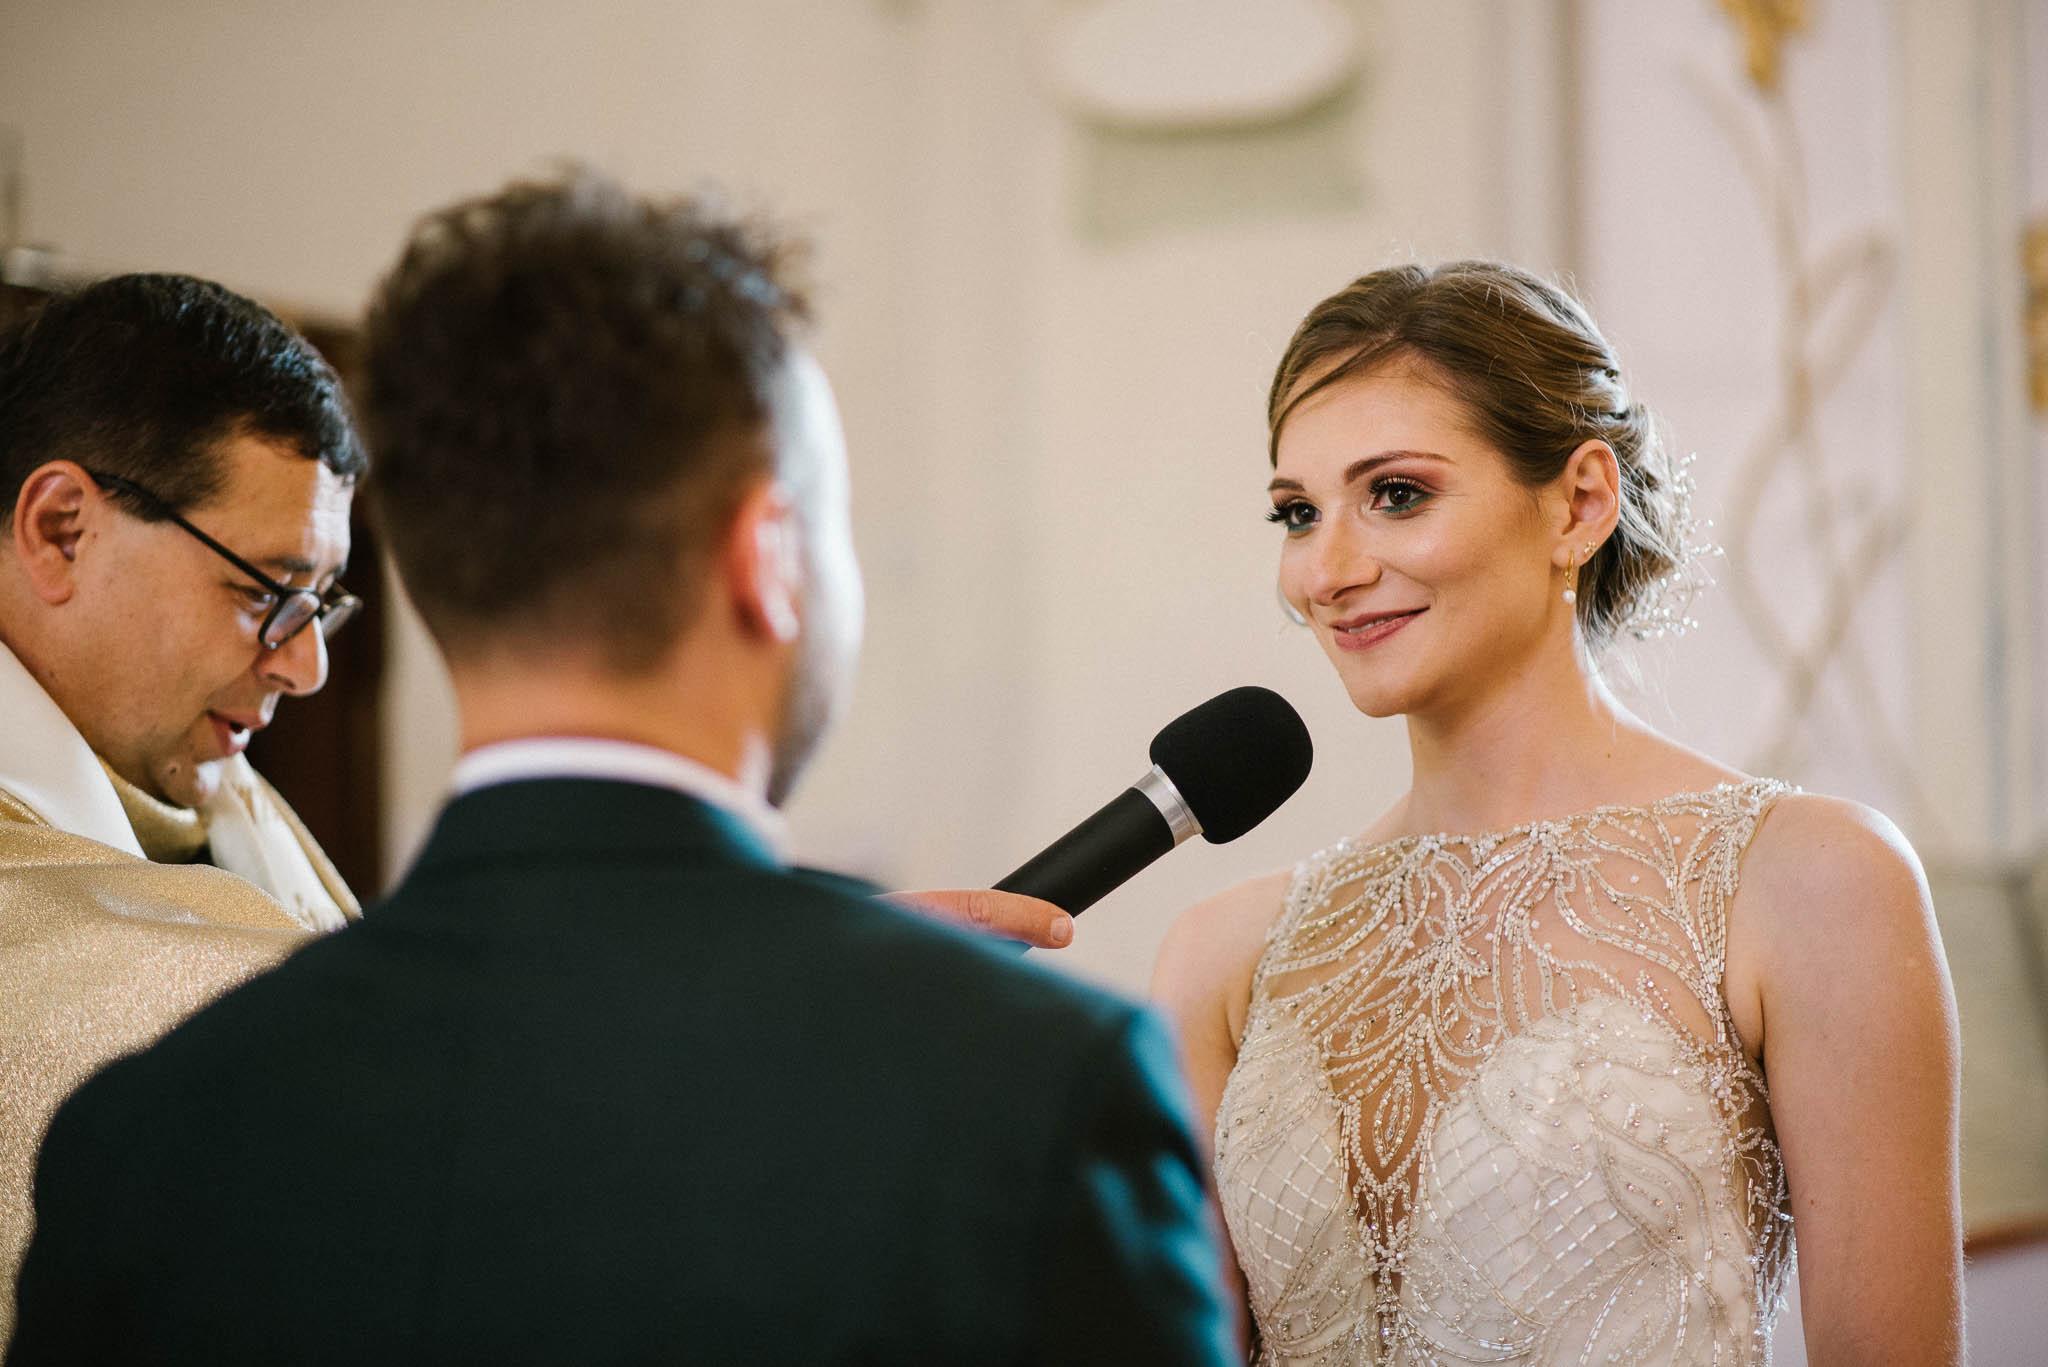 Panna młoda składa przysięgę małżeńską - ślub w Stodole Bojanowo